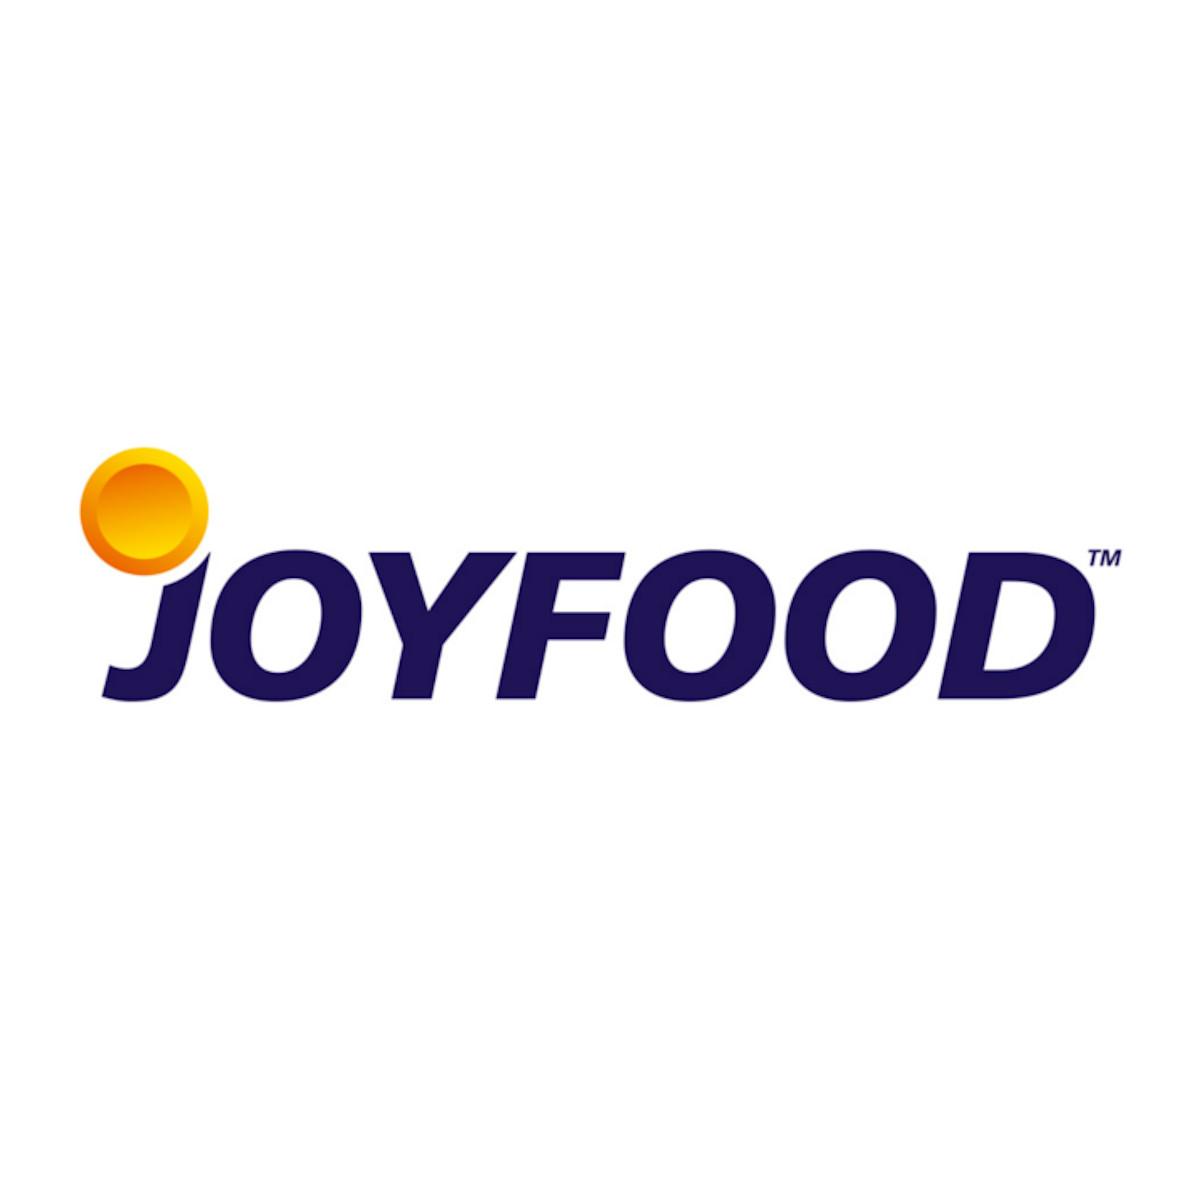 JOYFOOD